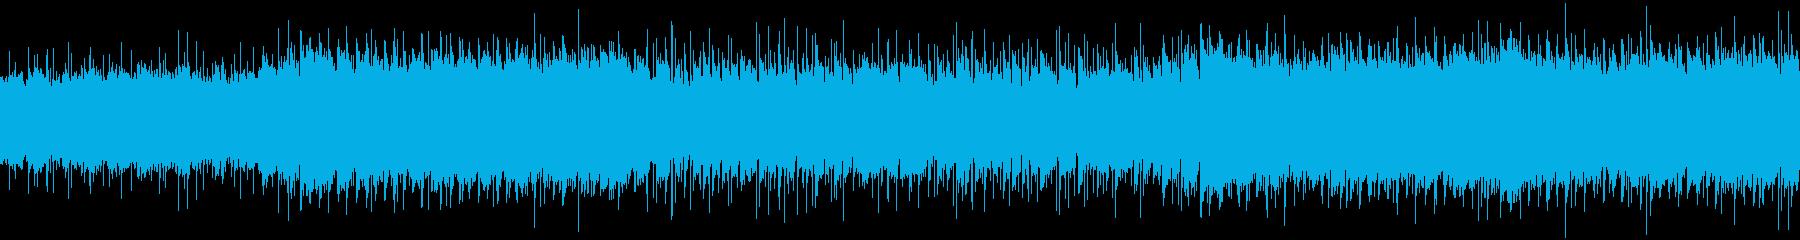 陽気な生演奏ブルースの再生済みの波形